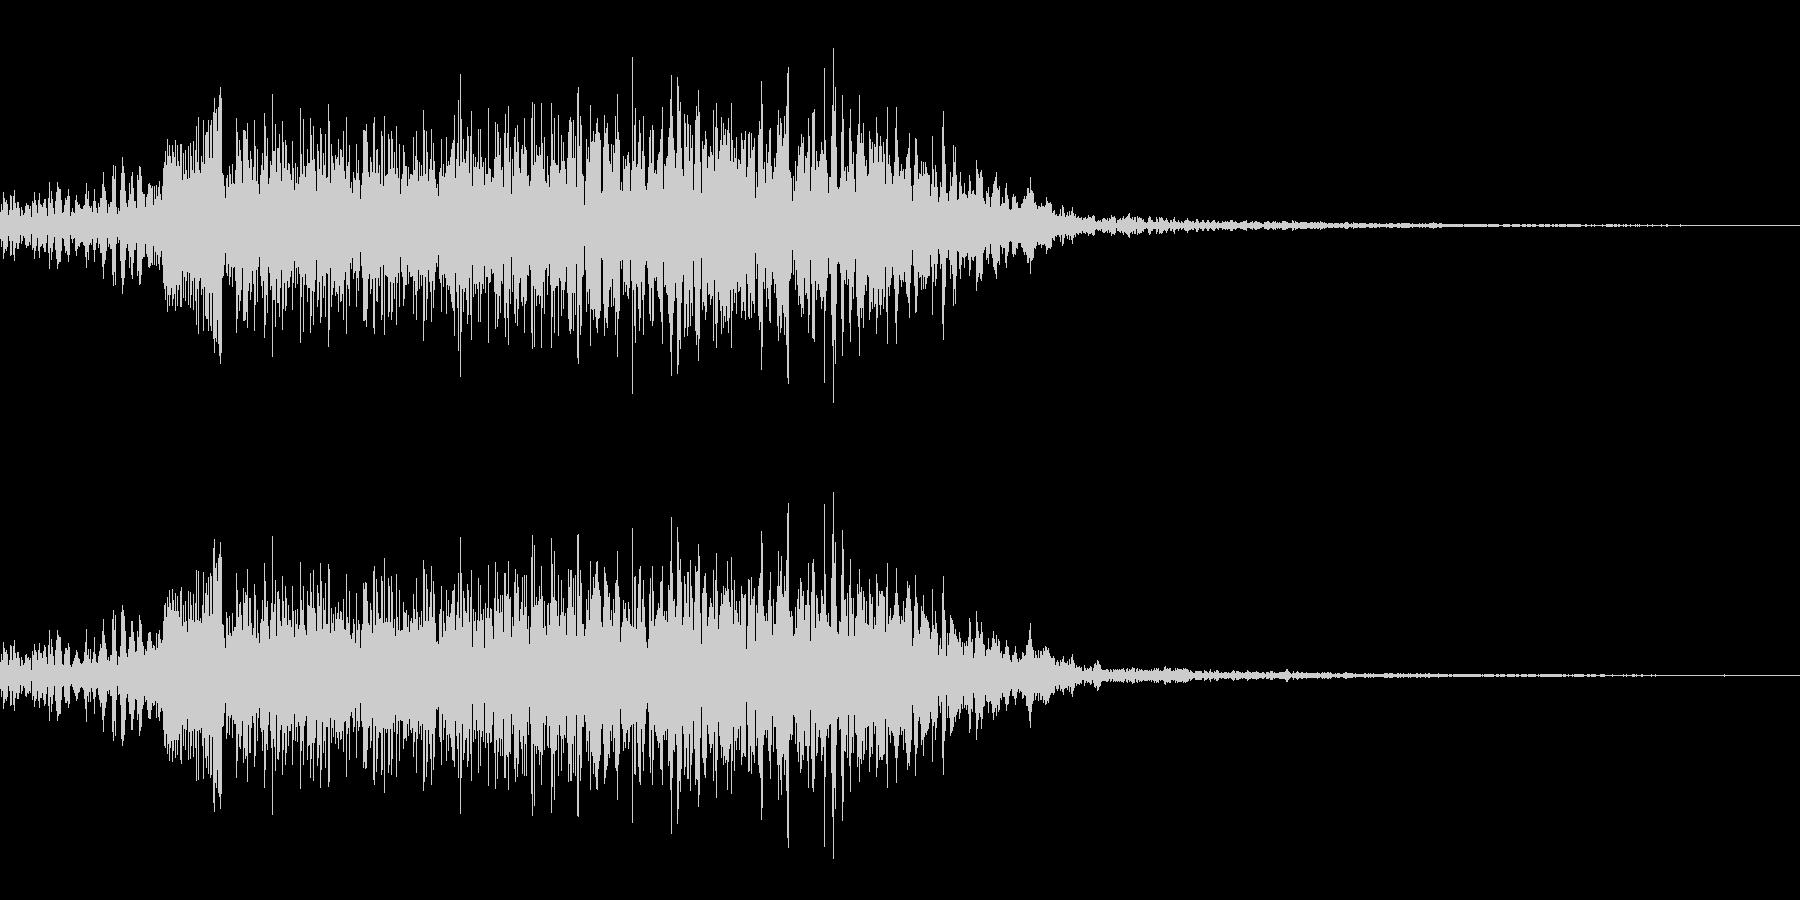 鳴き声02(イノシシ、ブタ系)の未再生の波形